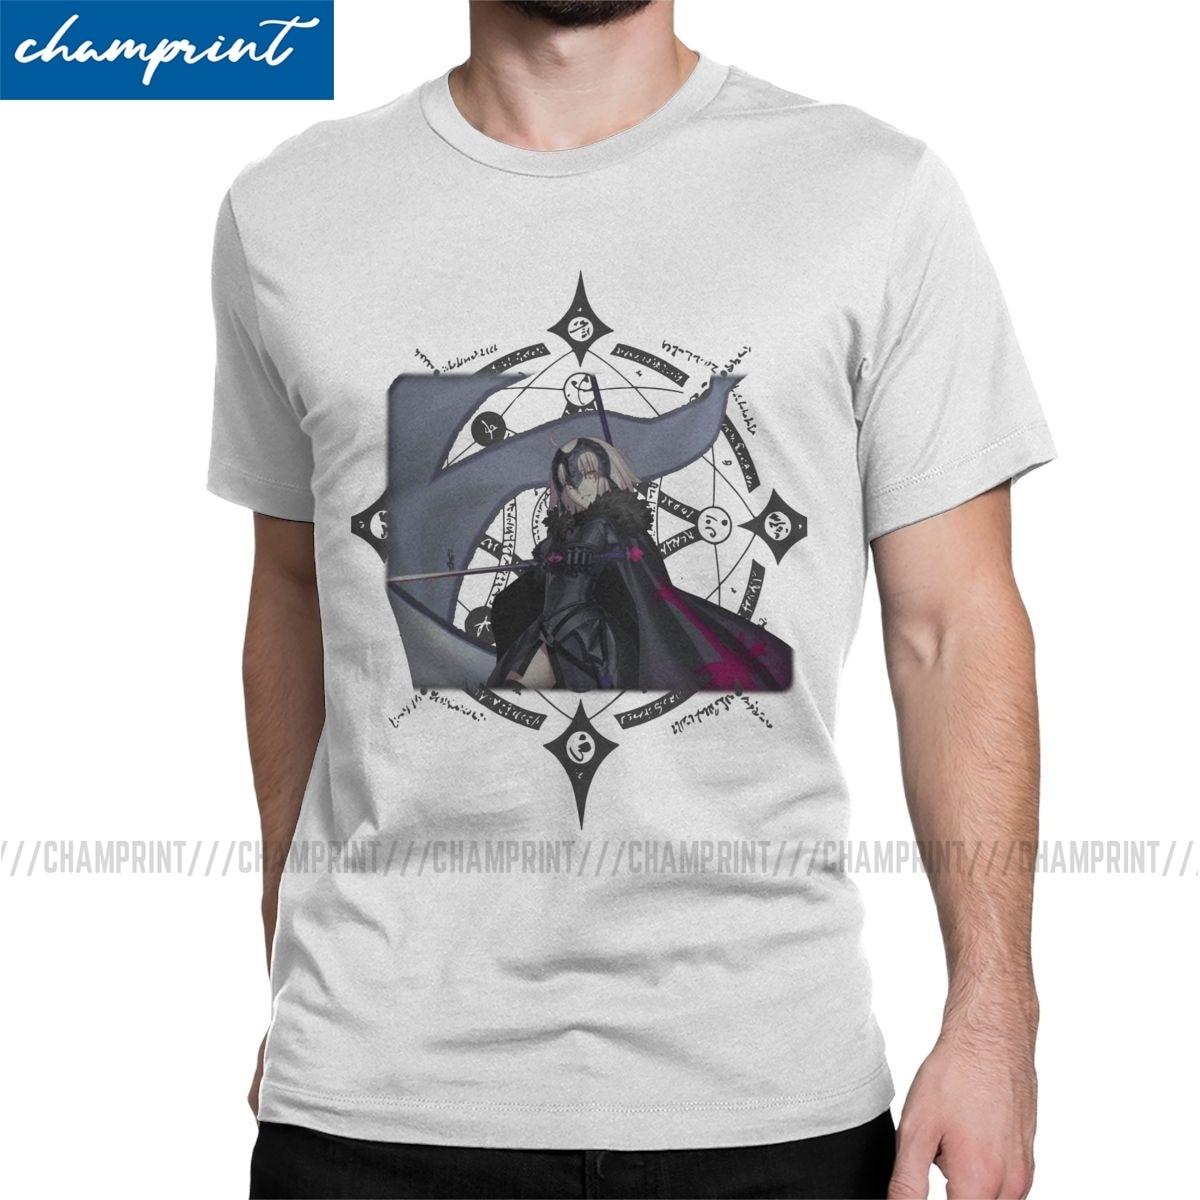 Jeanne darc arc alter t camisas dos homens puro algodão engraçado camiseta destino grande fim fgo jogo t camisa de manga curta adulto